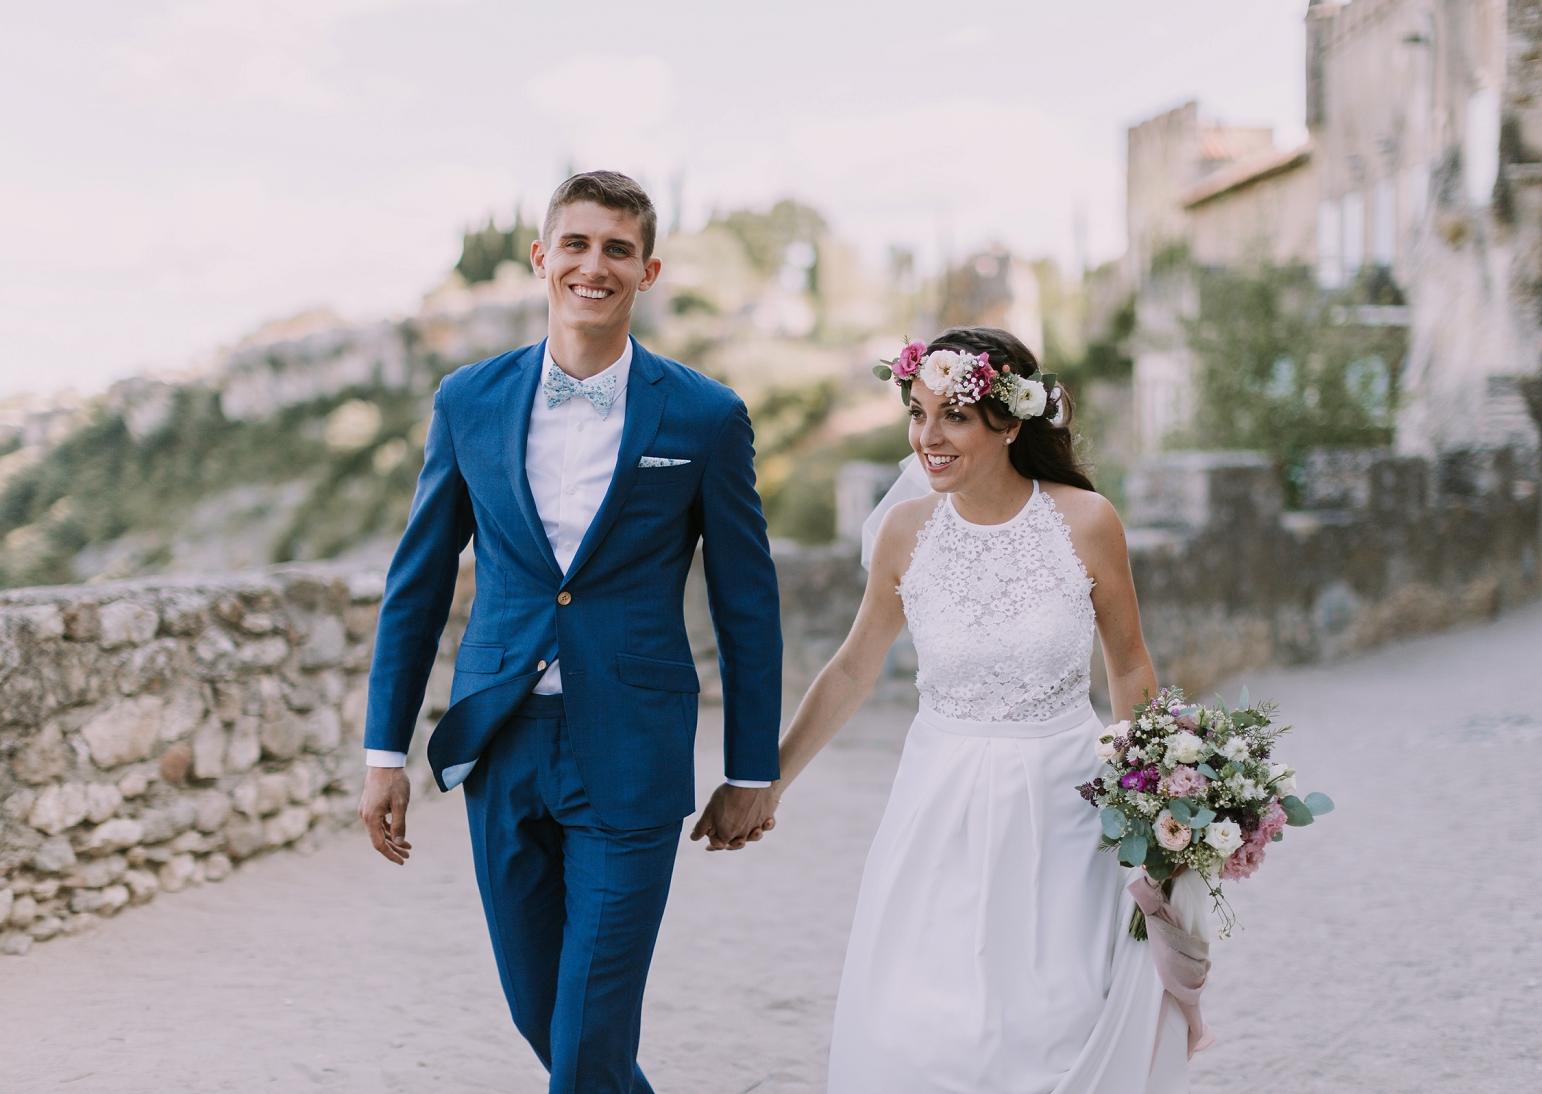 kateryna-photos-mariage-wedding-france-ardeche-domaine-clos-hullias-Saint-Christol-de-Rodière-gard-cevennes_0159.jpg